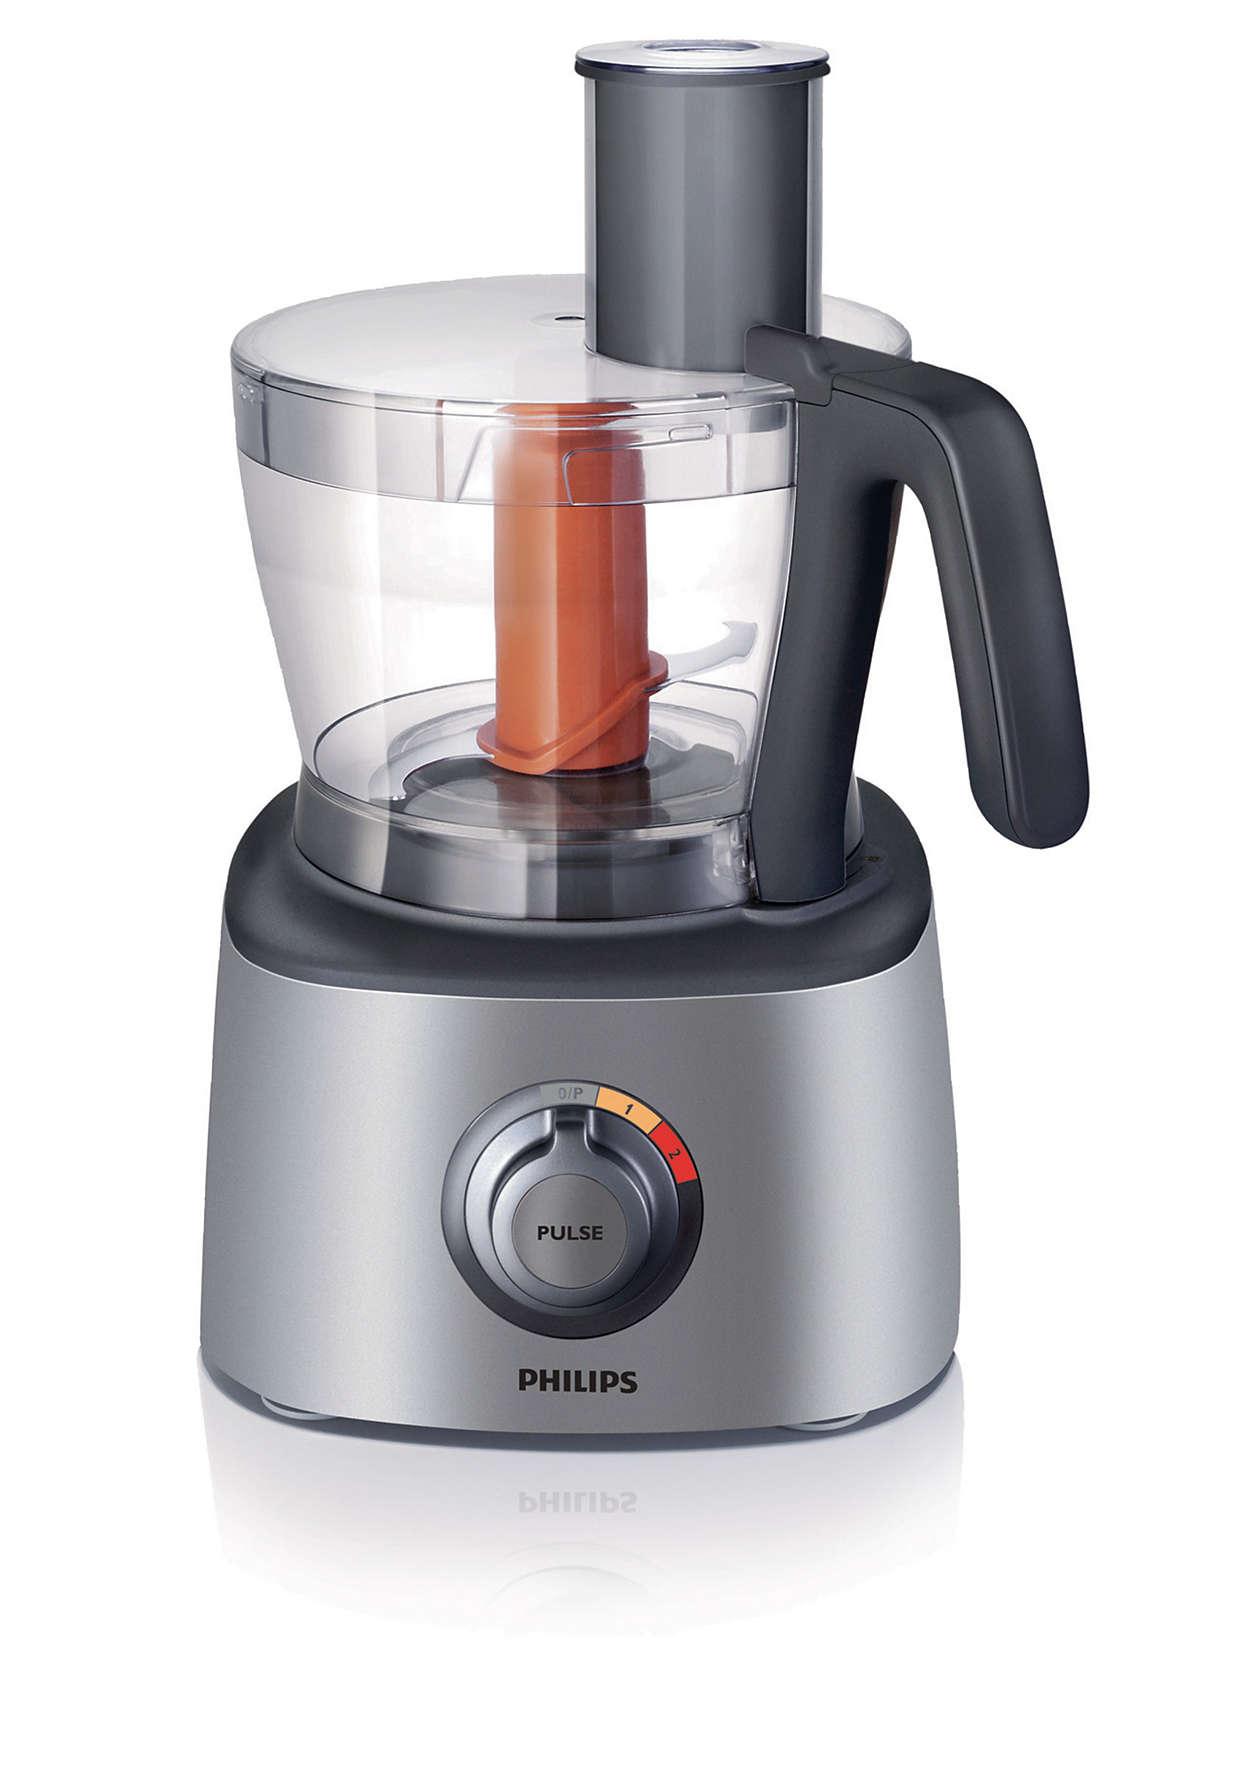 robot de cocina hr7771 53 philips